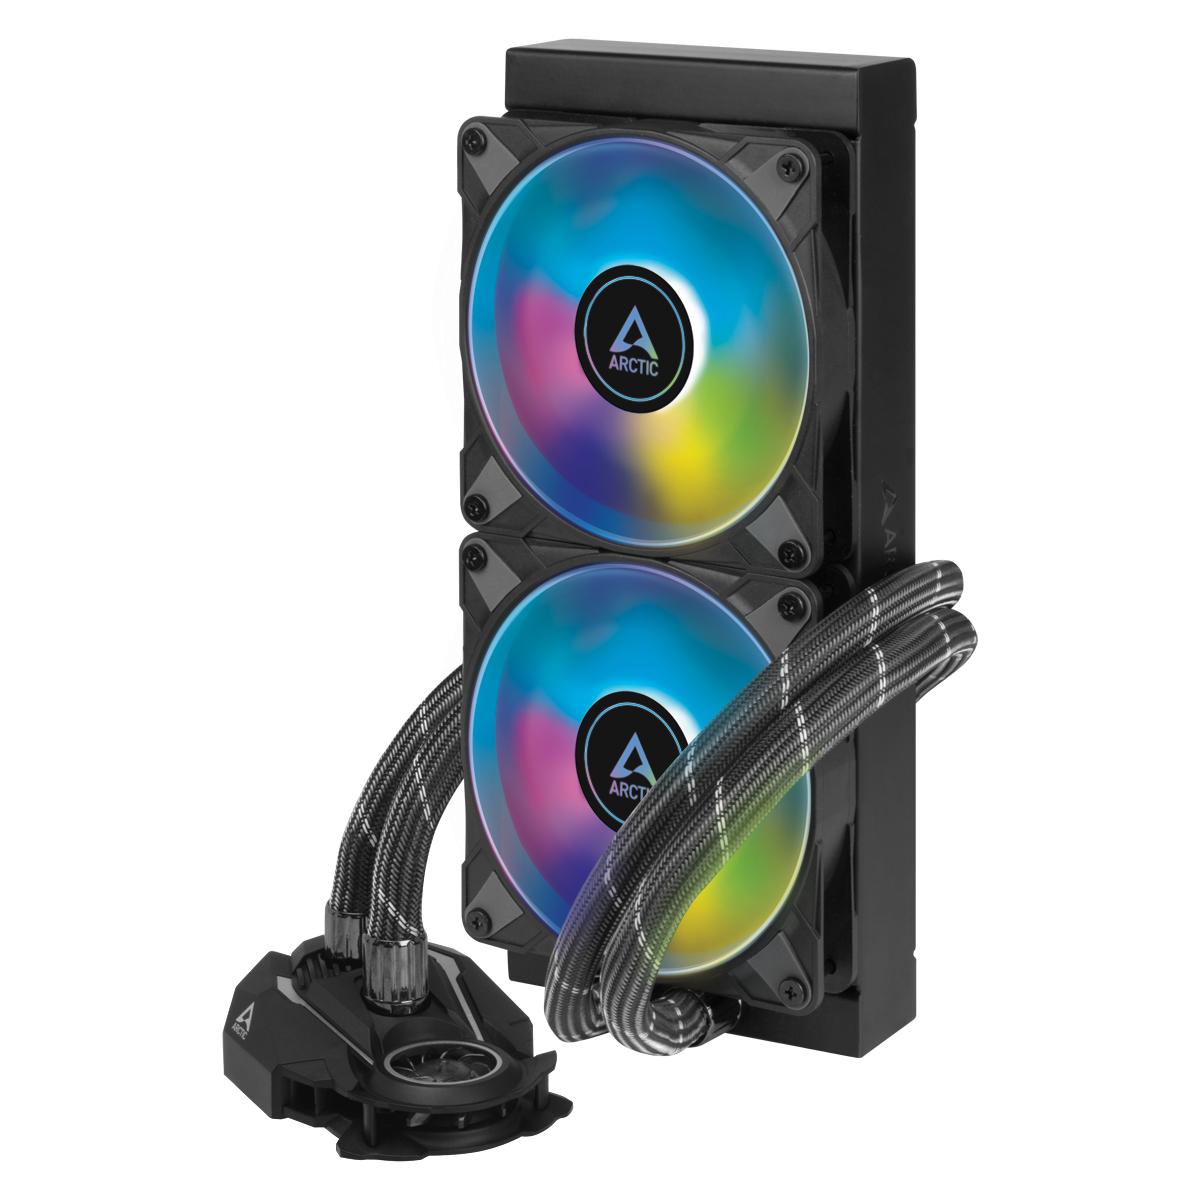 Охладител за процесор Arctic Freezer II A-RGB (240mm), водно охлаждане, ACFRE00098A AMD/Intel-3